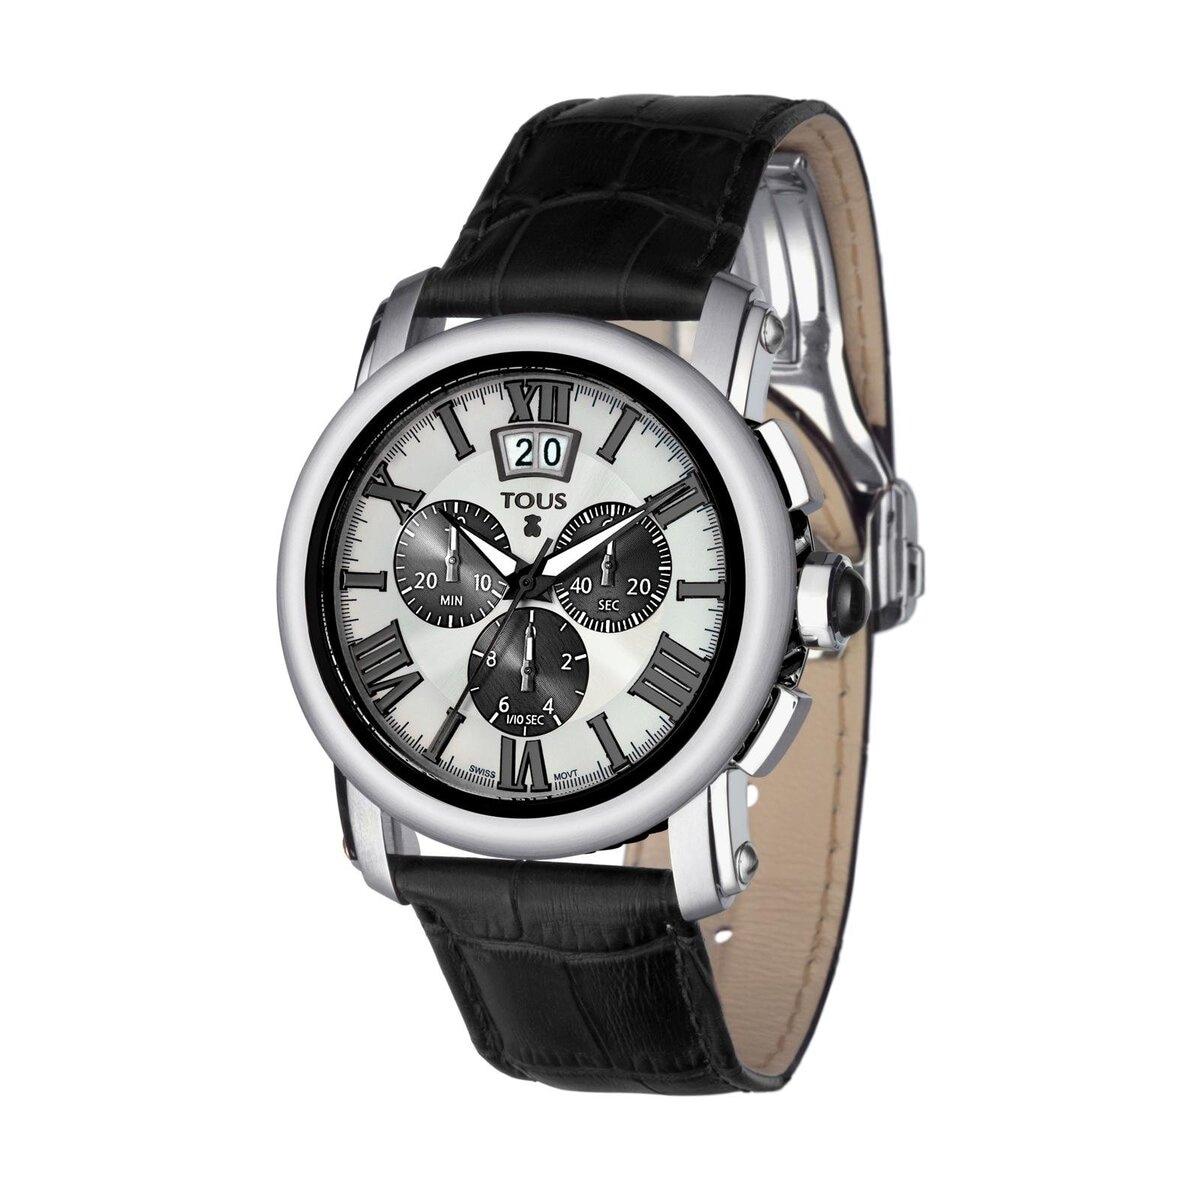 Relógio Born bicolor em Aço/IP preto com correia de Pele preta